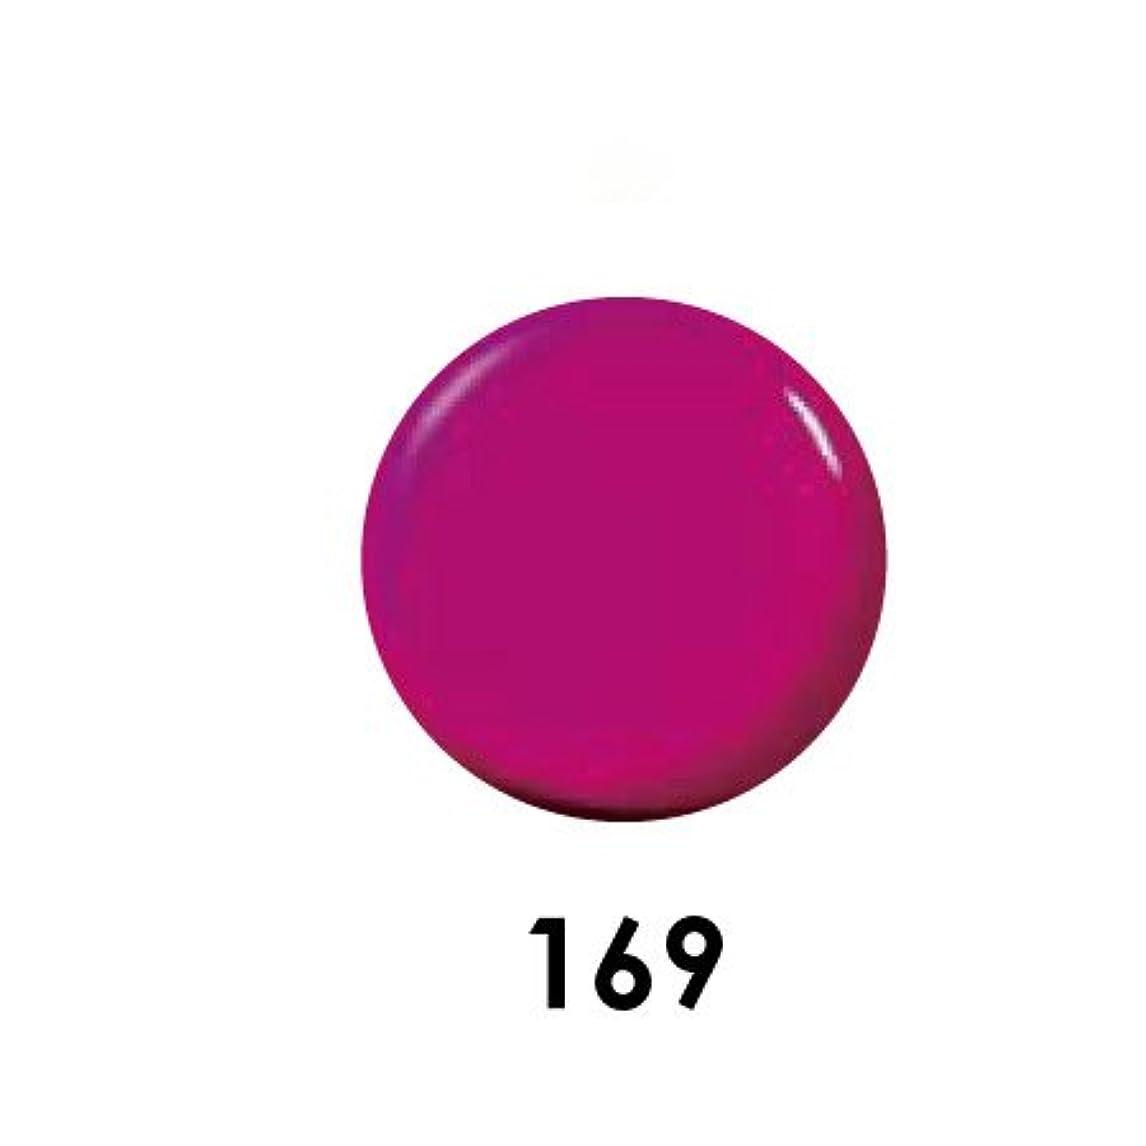 自発葉巻電化するPutiel プティール カラージェル 169 ラテンピンク 2g (MARIEプロデュース)